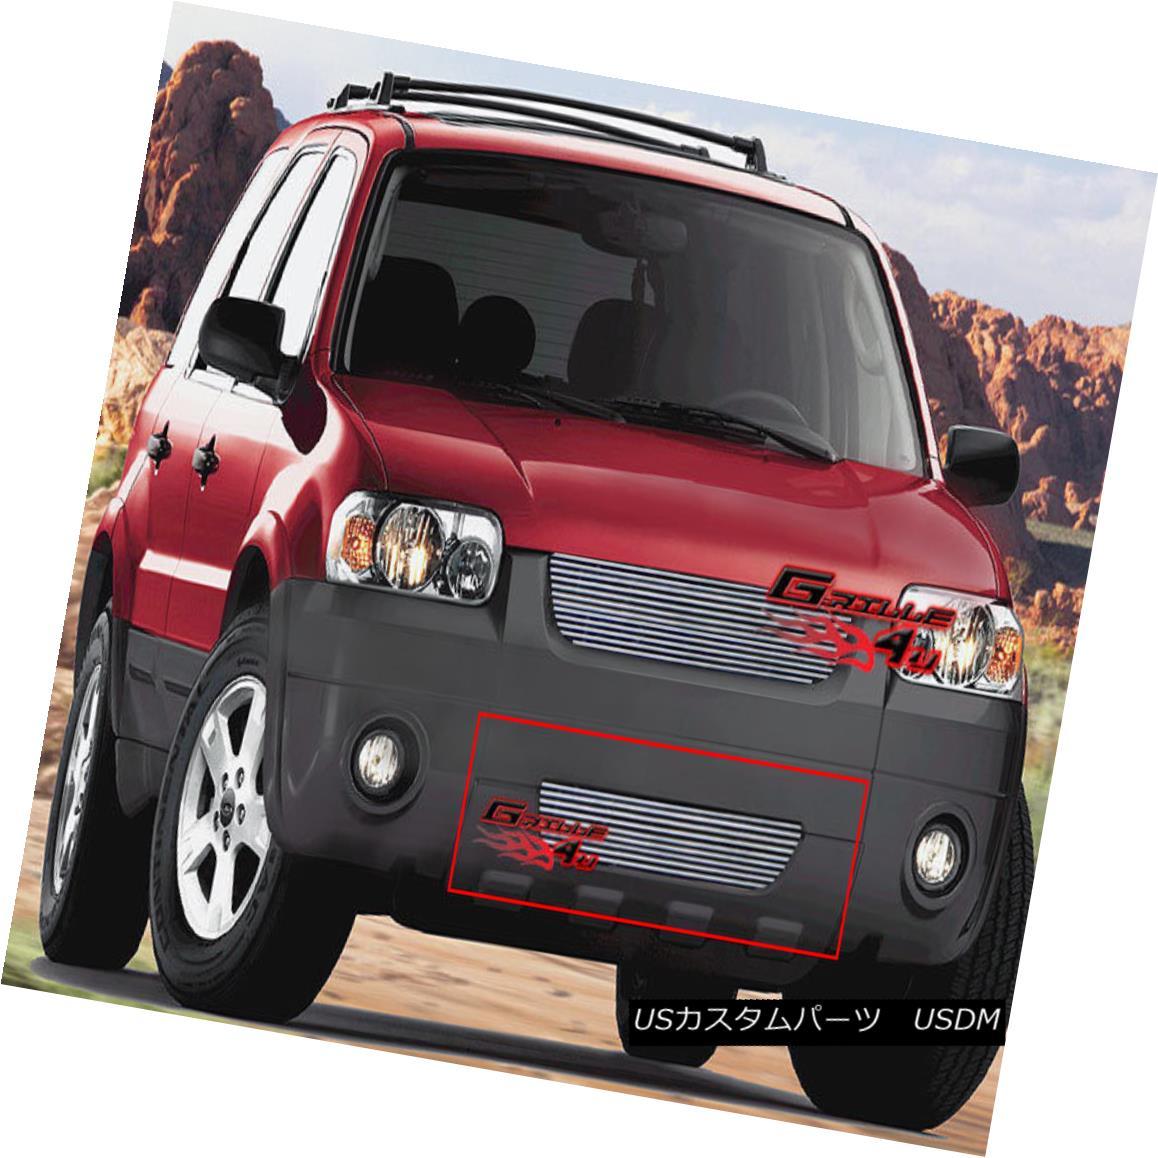 グリル Fits 2005-2007 Ford Escape Lower Bumper Billet Grille Insert 2005-2007 Ford Escapeロワーバンパービレットグリルインサート